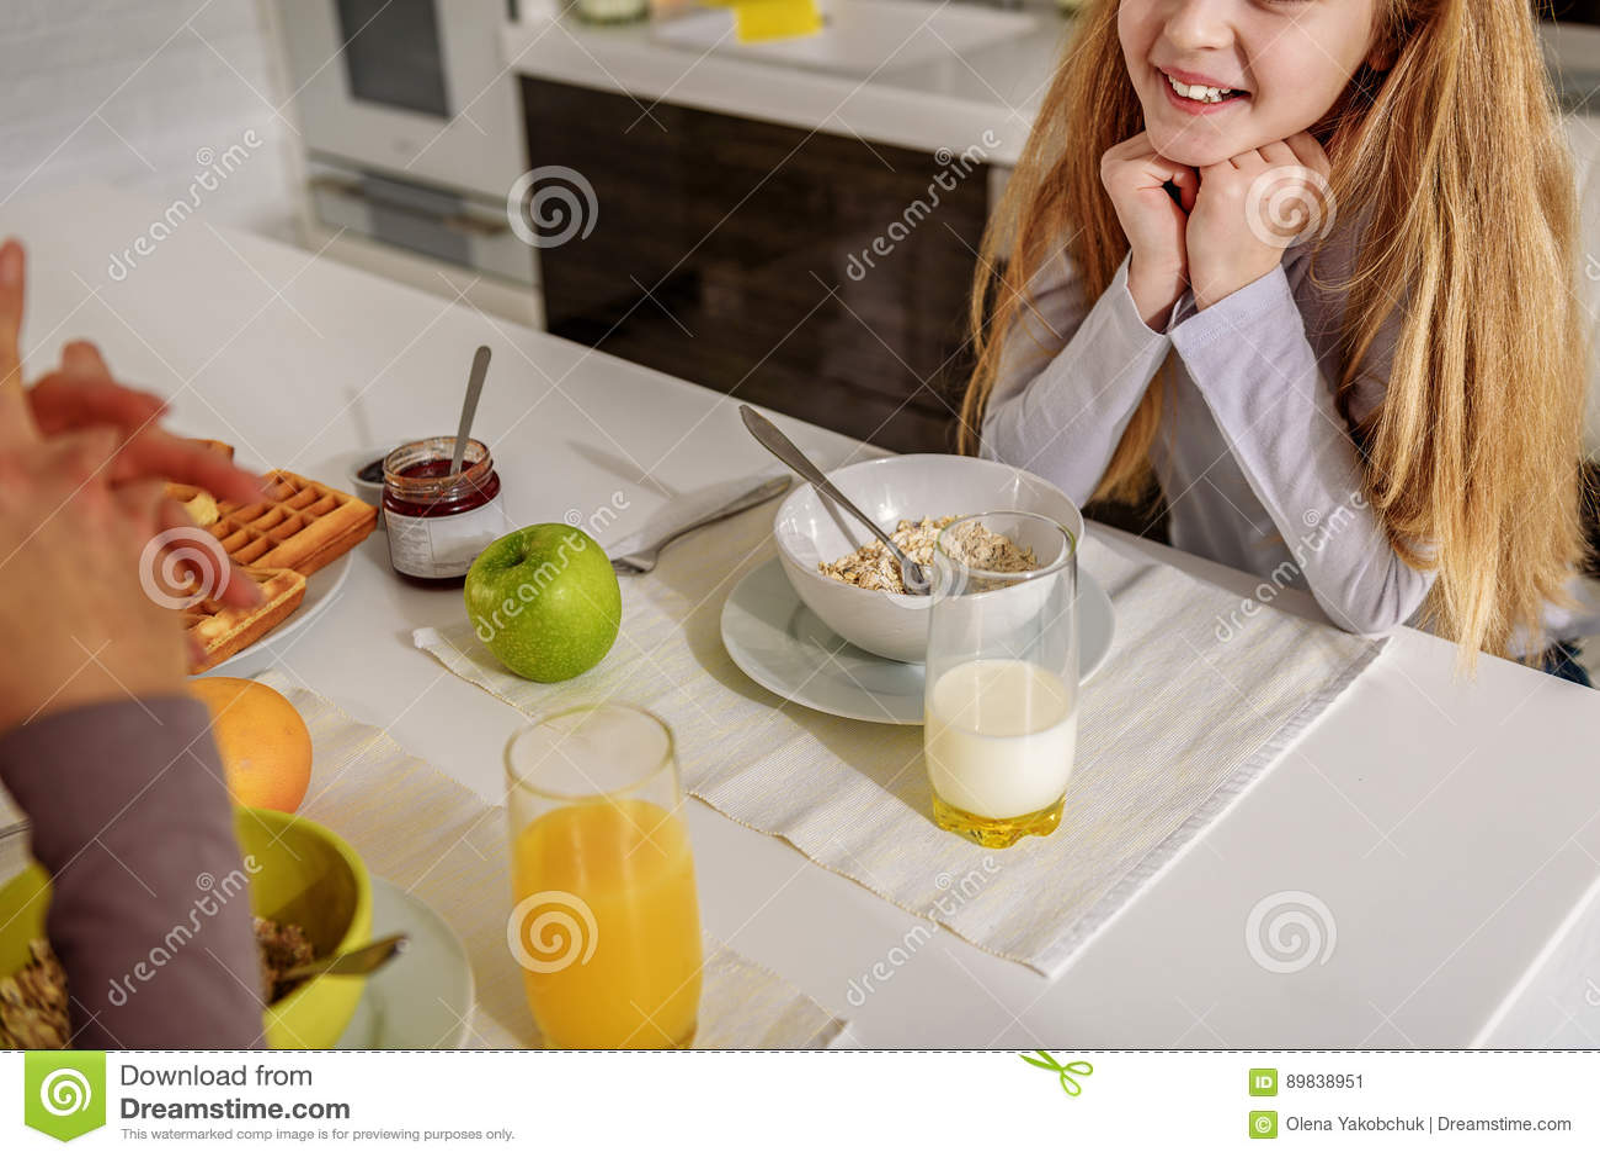 Figlia allegra che gode della conversazione con la mamma in cucina